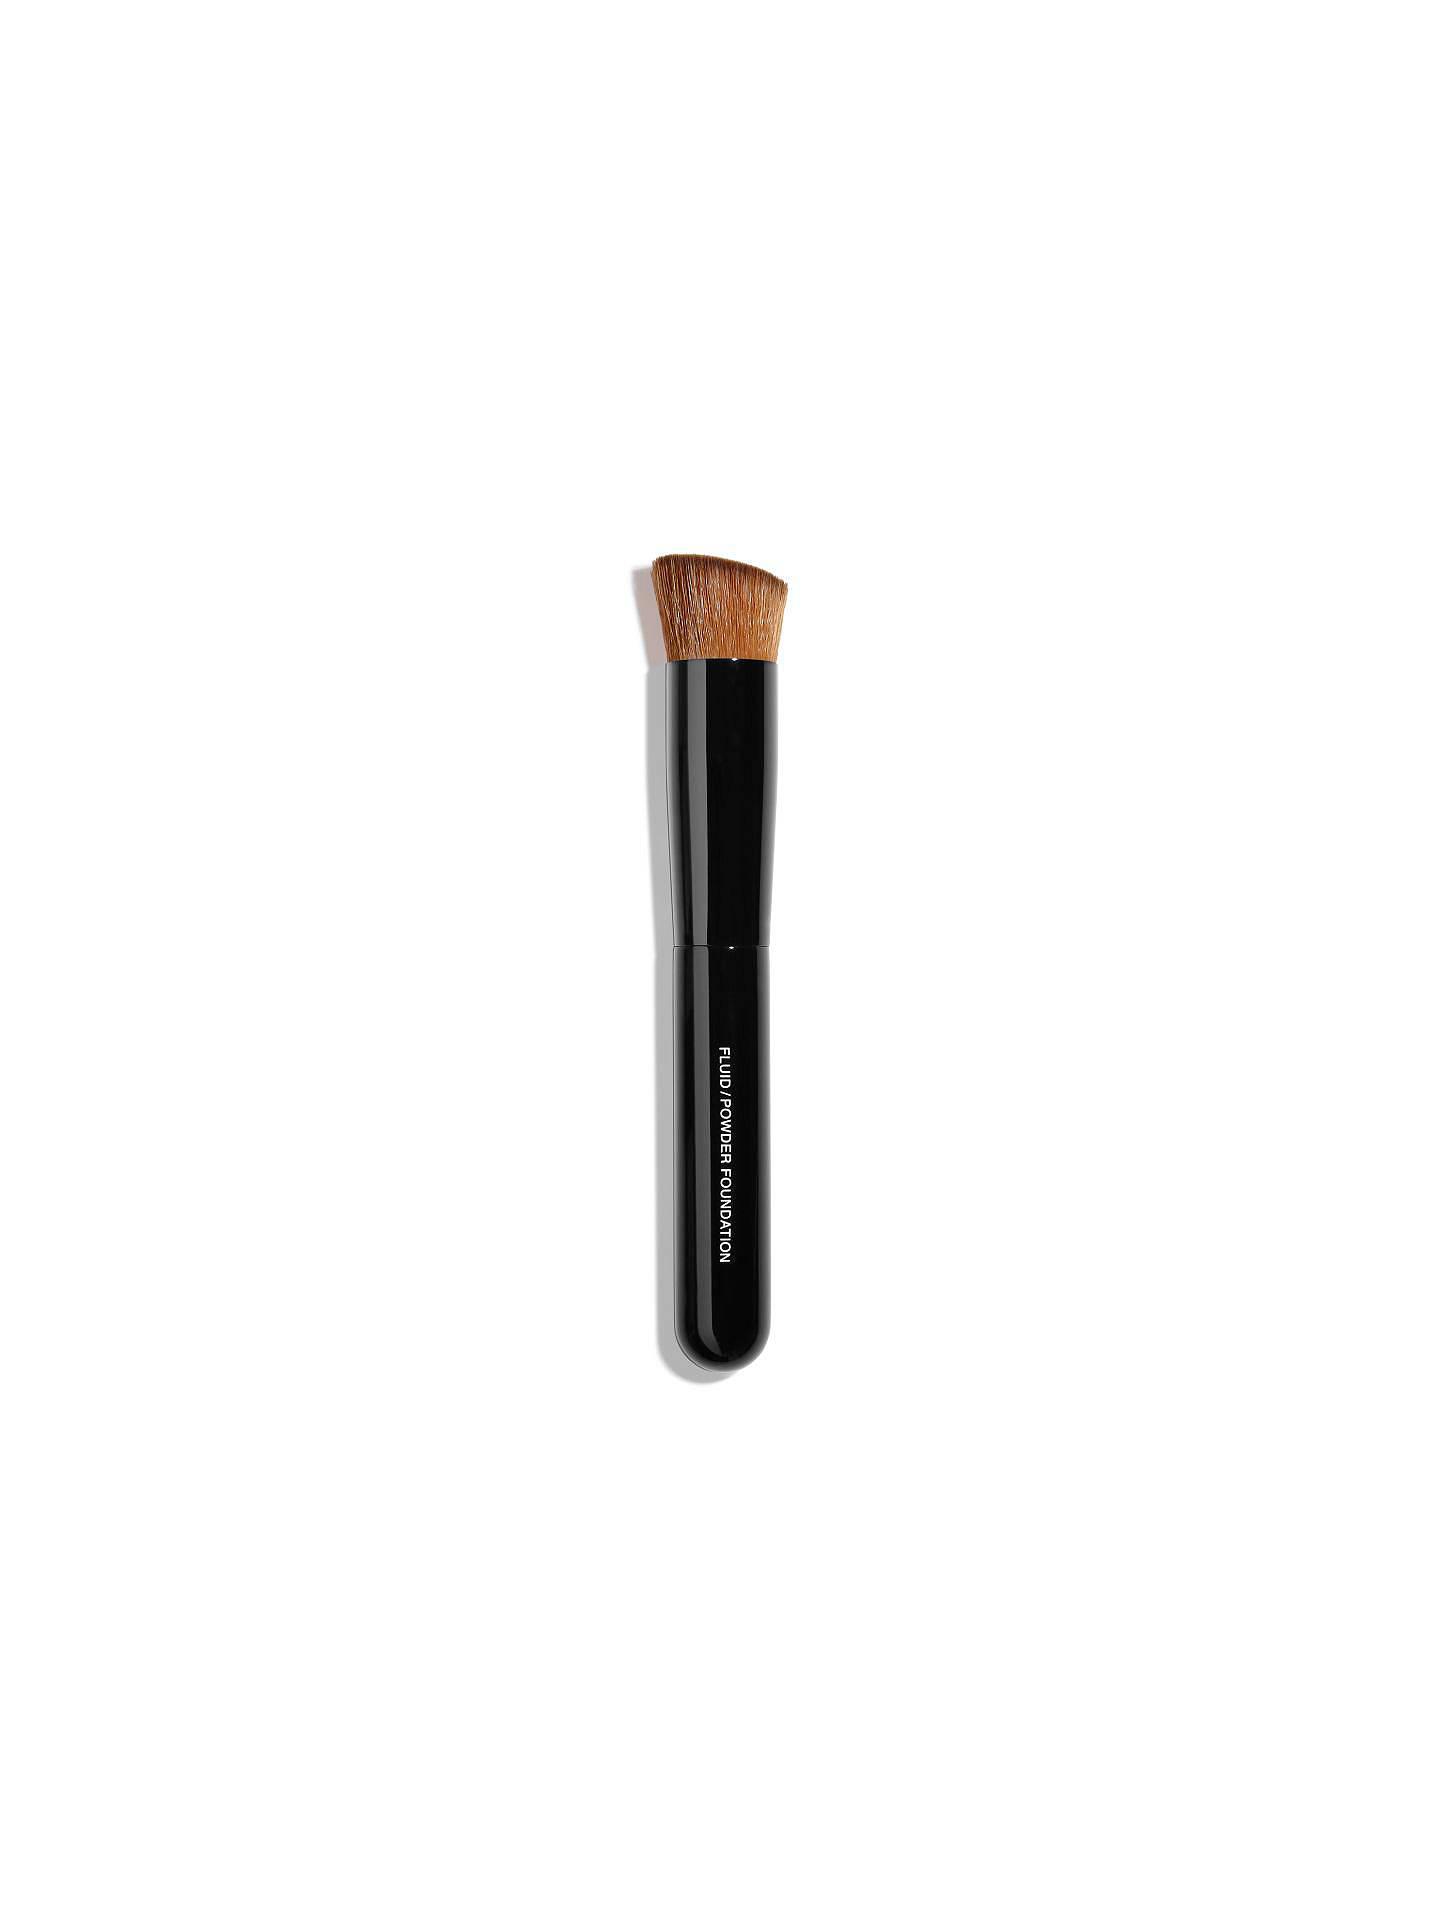 15fcd35d46 CHANEL PINCEAU TEINT 2 EN 1 FLUIDE ET POUDRE 2-In-1 Foundation Brush Fluid  and Powder